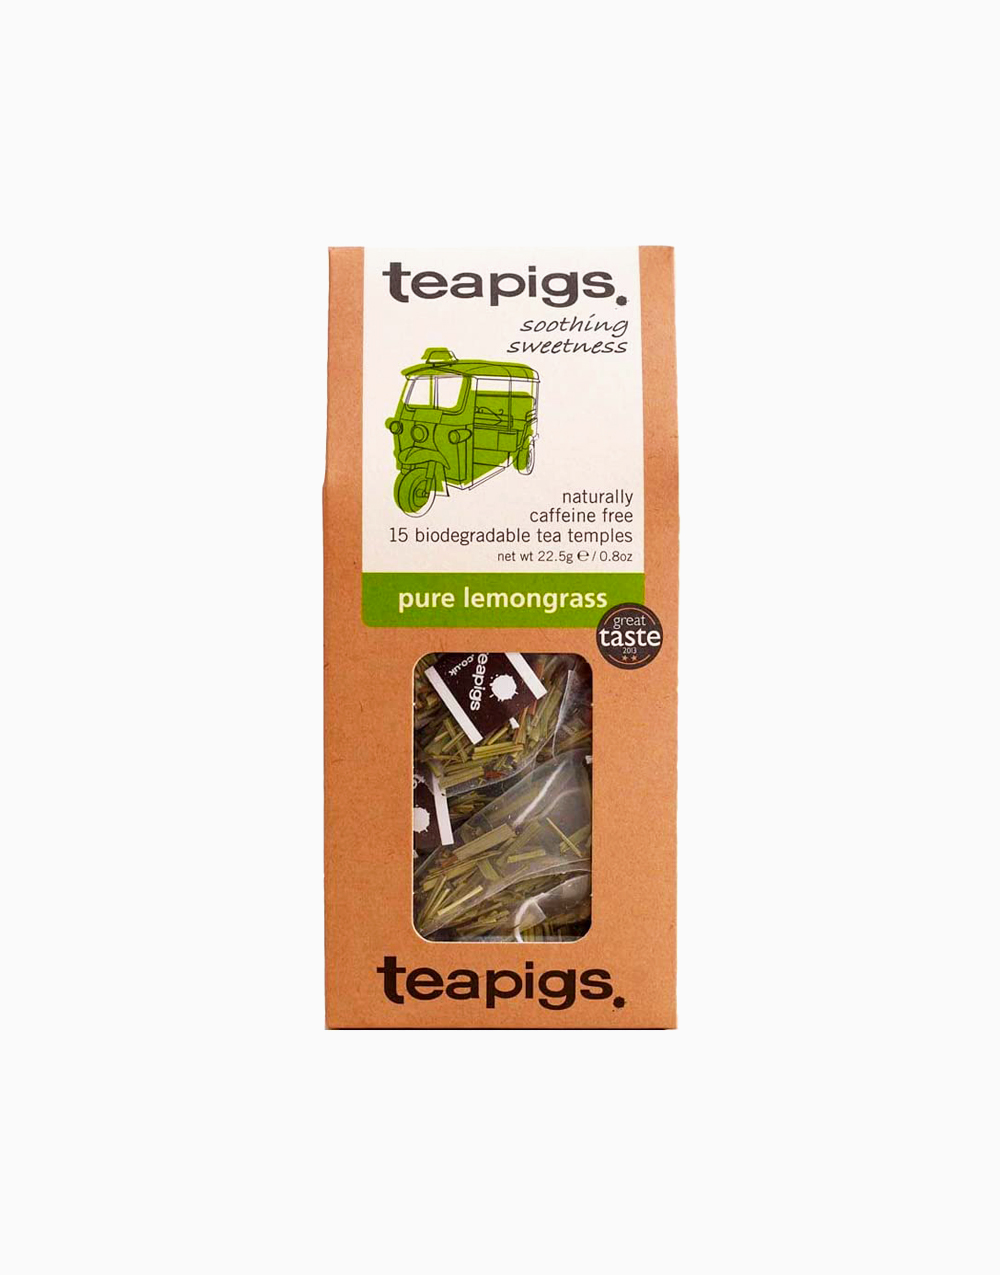 Pure Lemongrass Tea by Teapigs